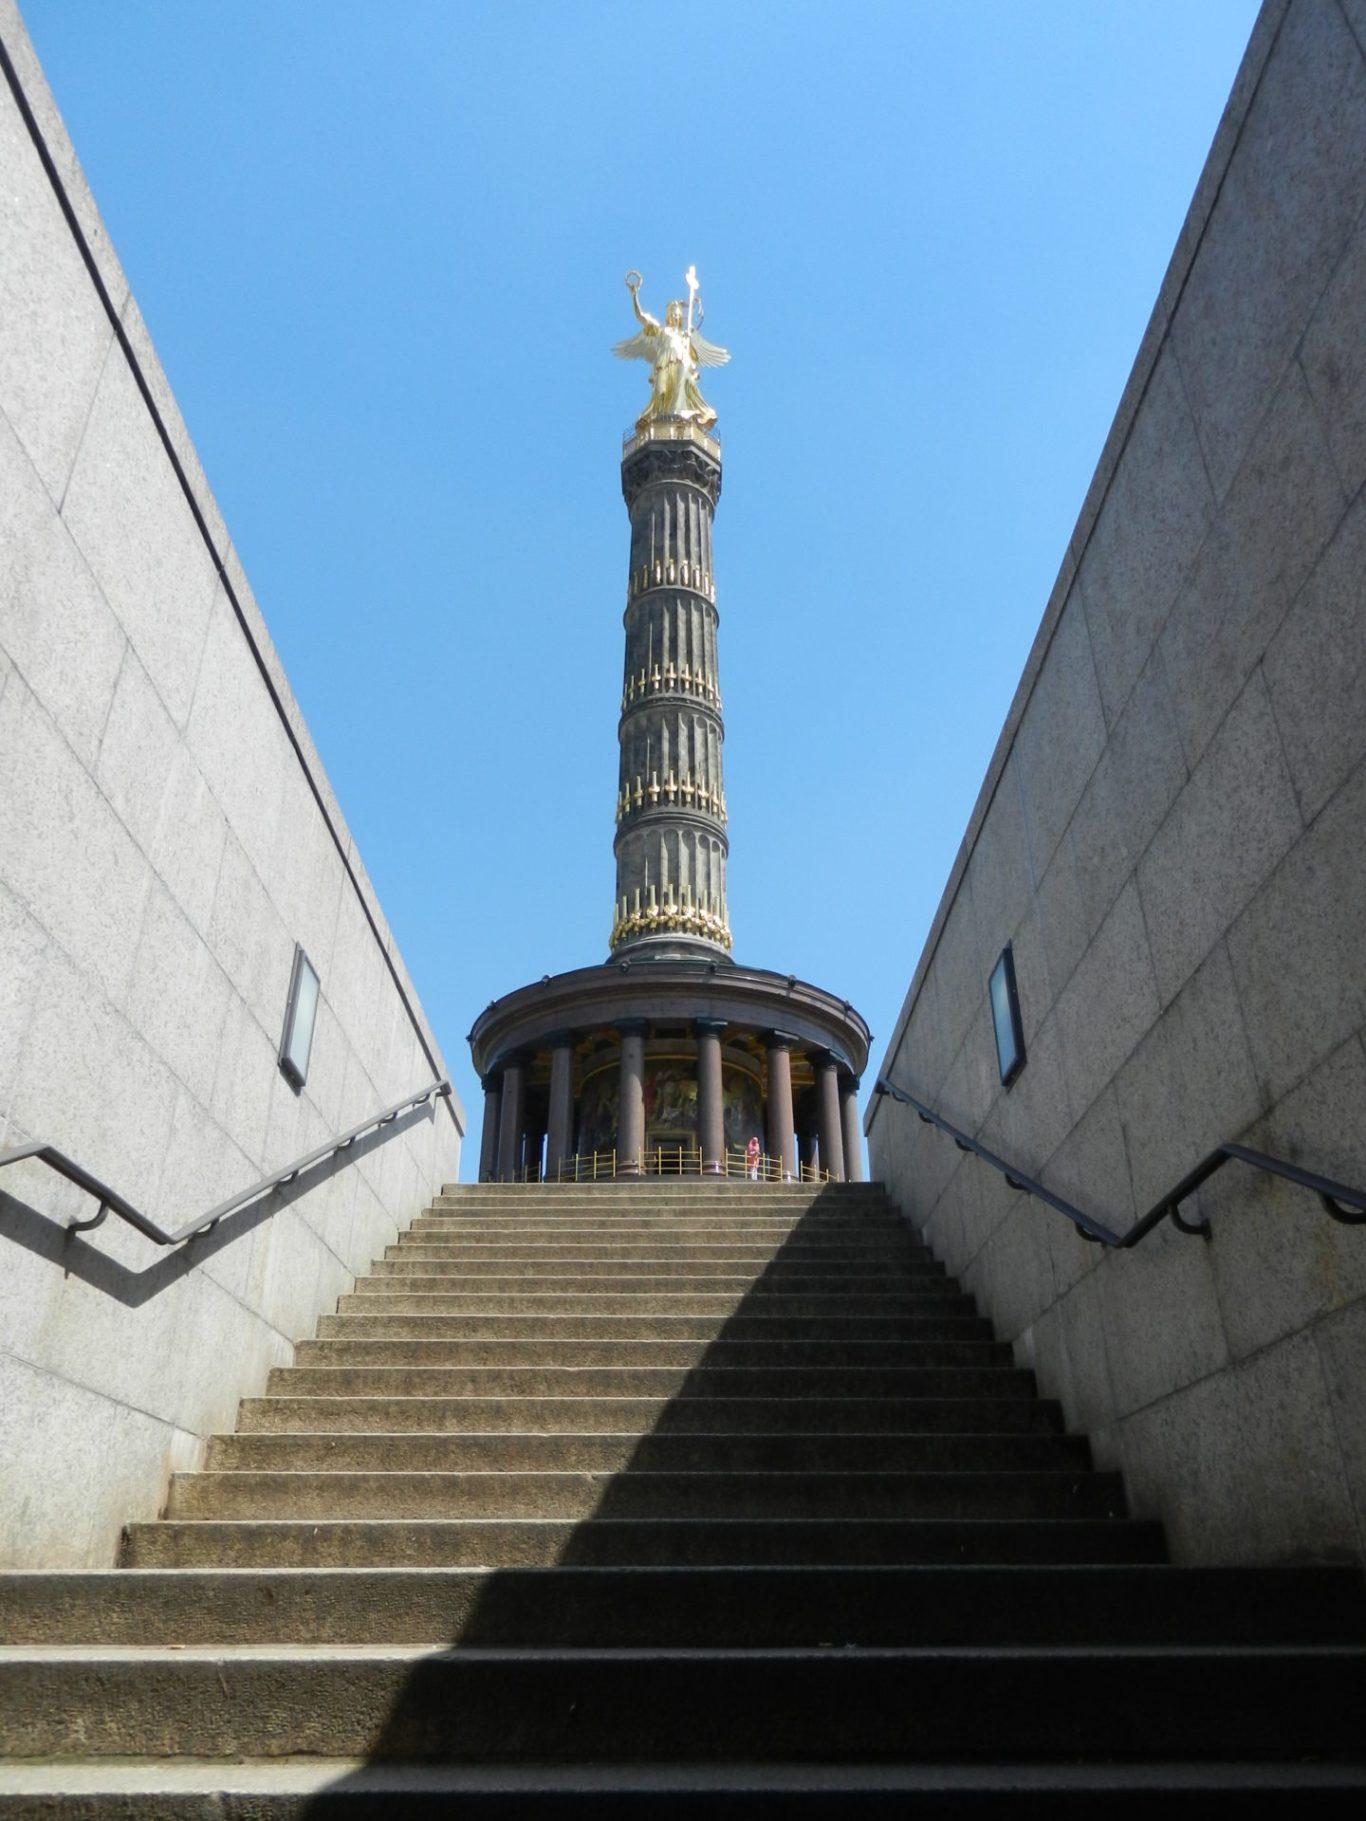 Berlin Victory Column in Tiergarten, Berlin, Germany